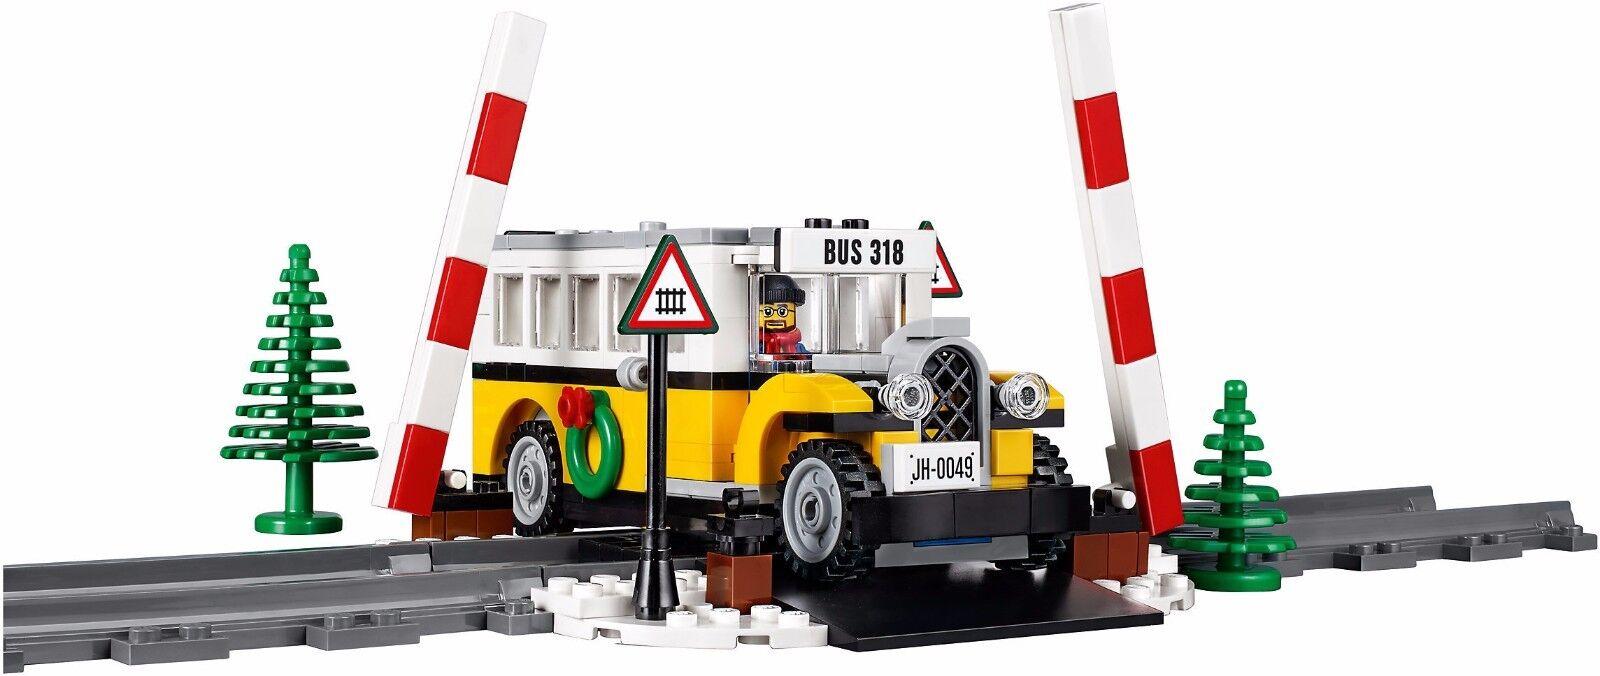 LEGO CREATOR COLLEZIONISTI COLLEZIONISTI COLLEZIONISTI 10259 STAZIONE DEL VILLAGGIO INVERNALE NUOVO 2dab91